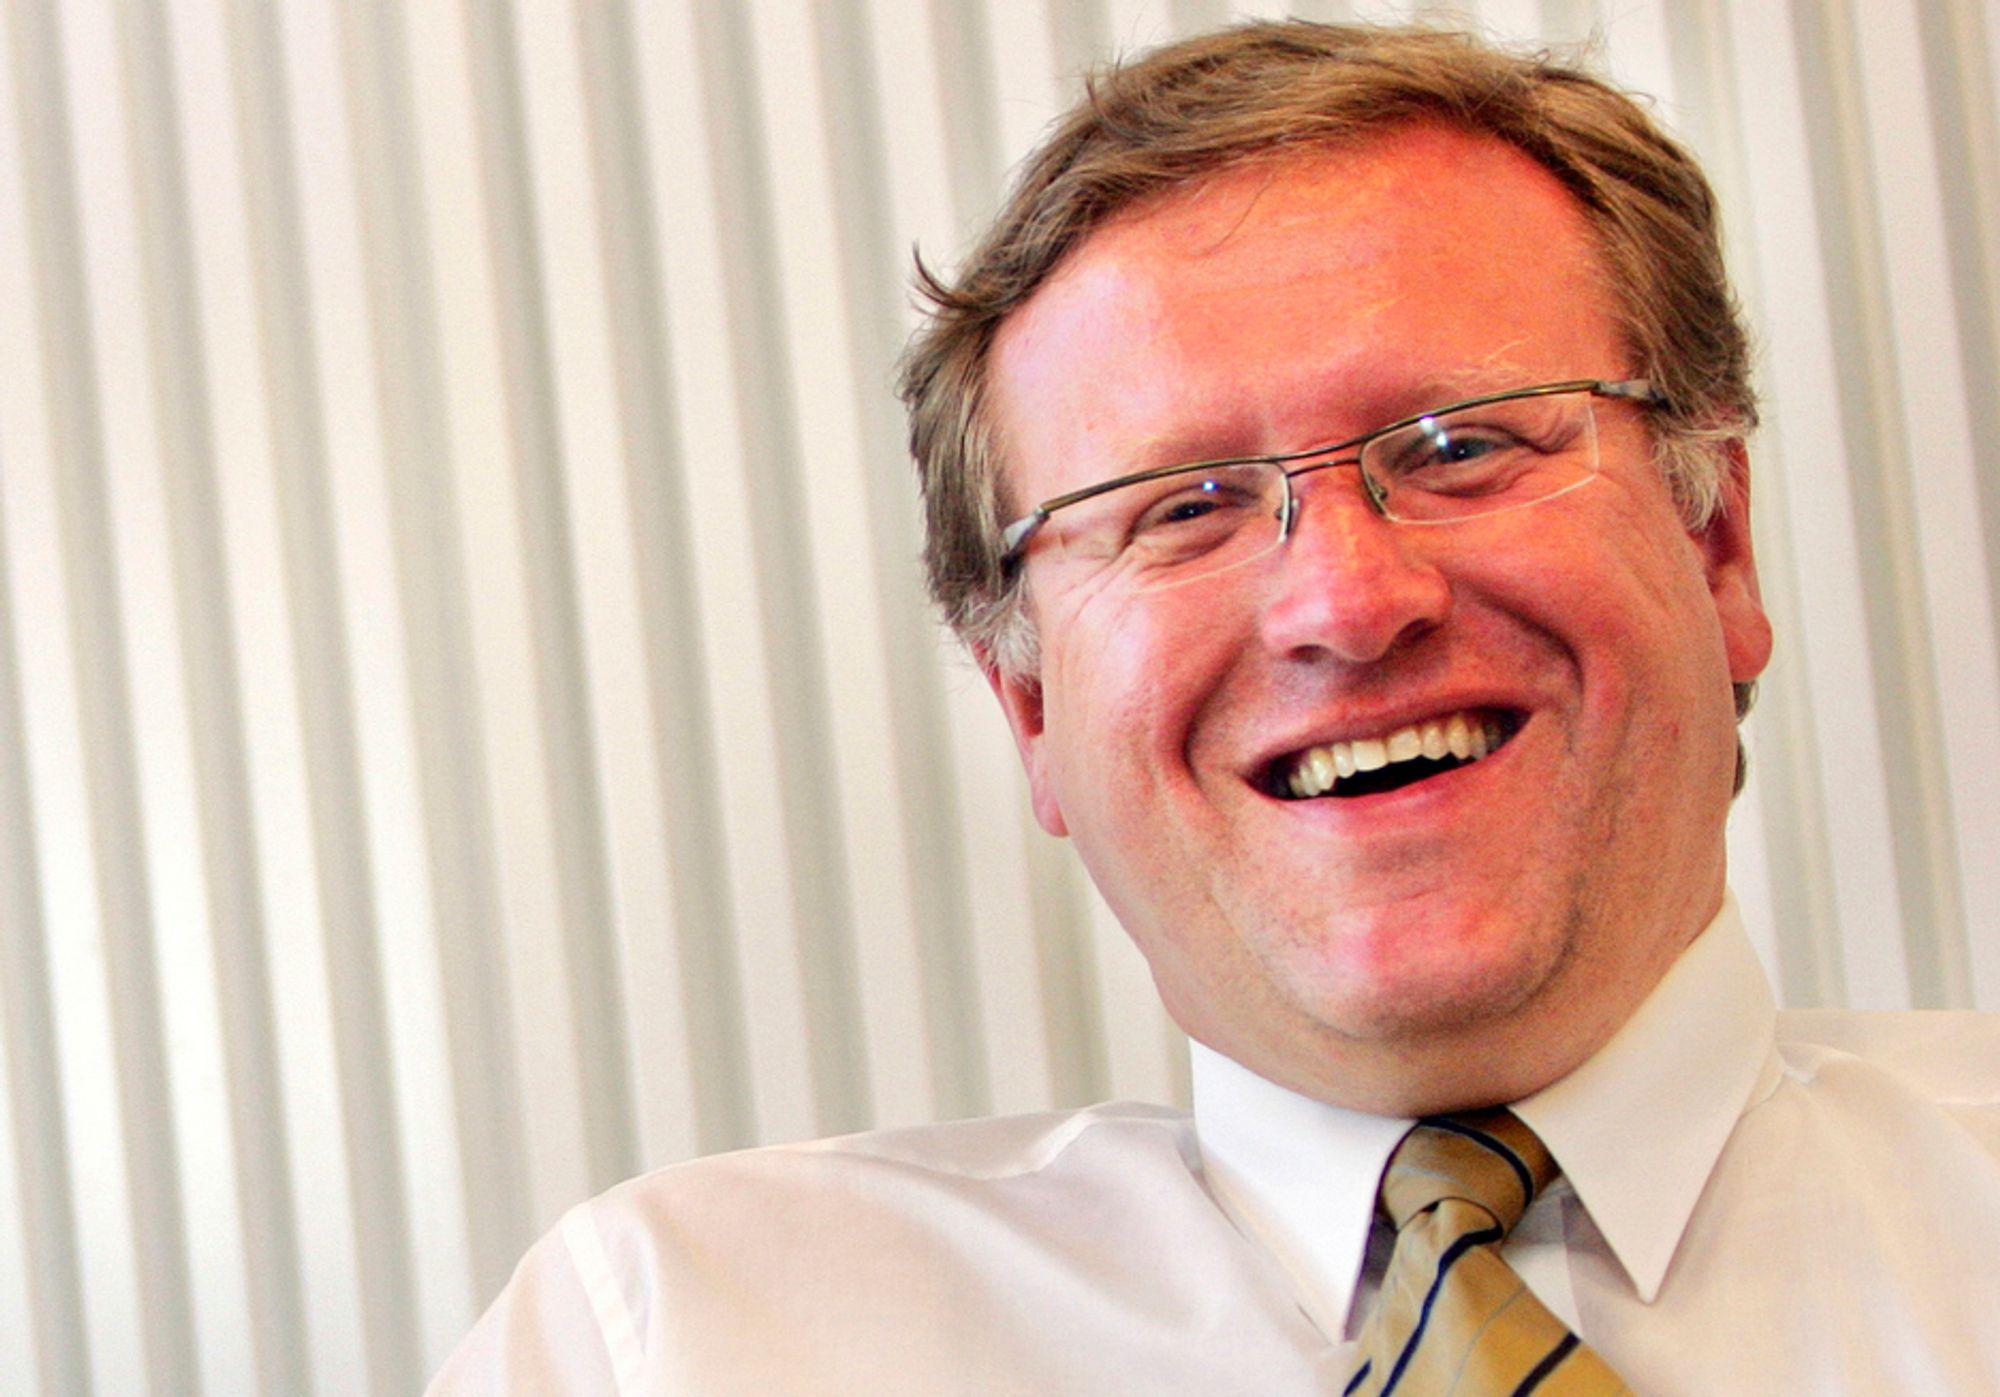 NYTT: Leif Johan Sevland har vært ordfører i Stavanger i 16 år. 1. mars 2012 blir han administrerende direktør for ONS.